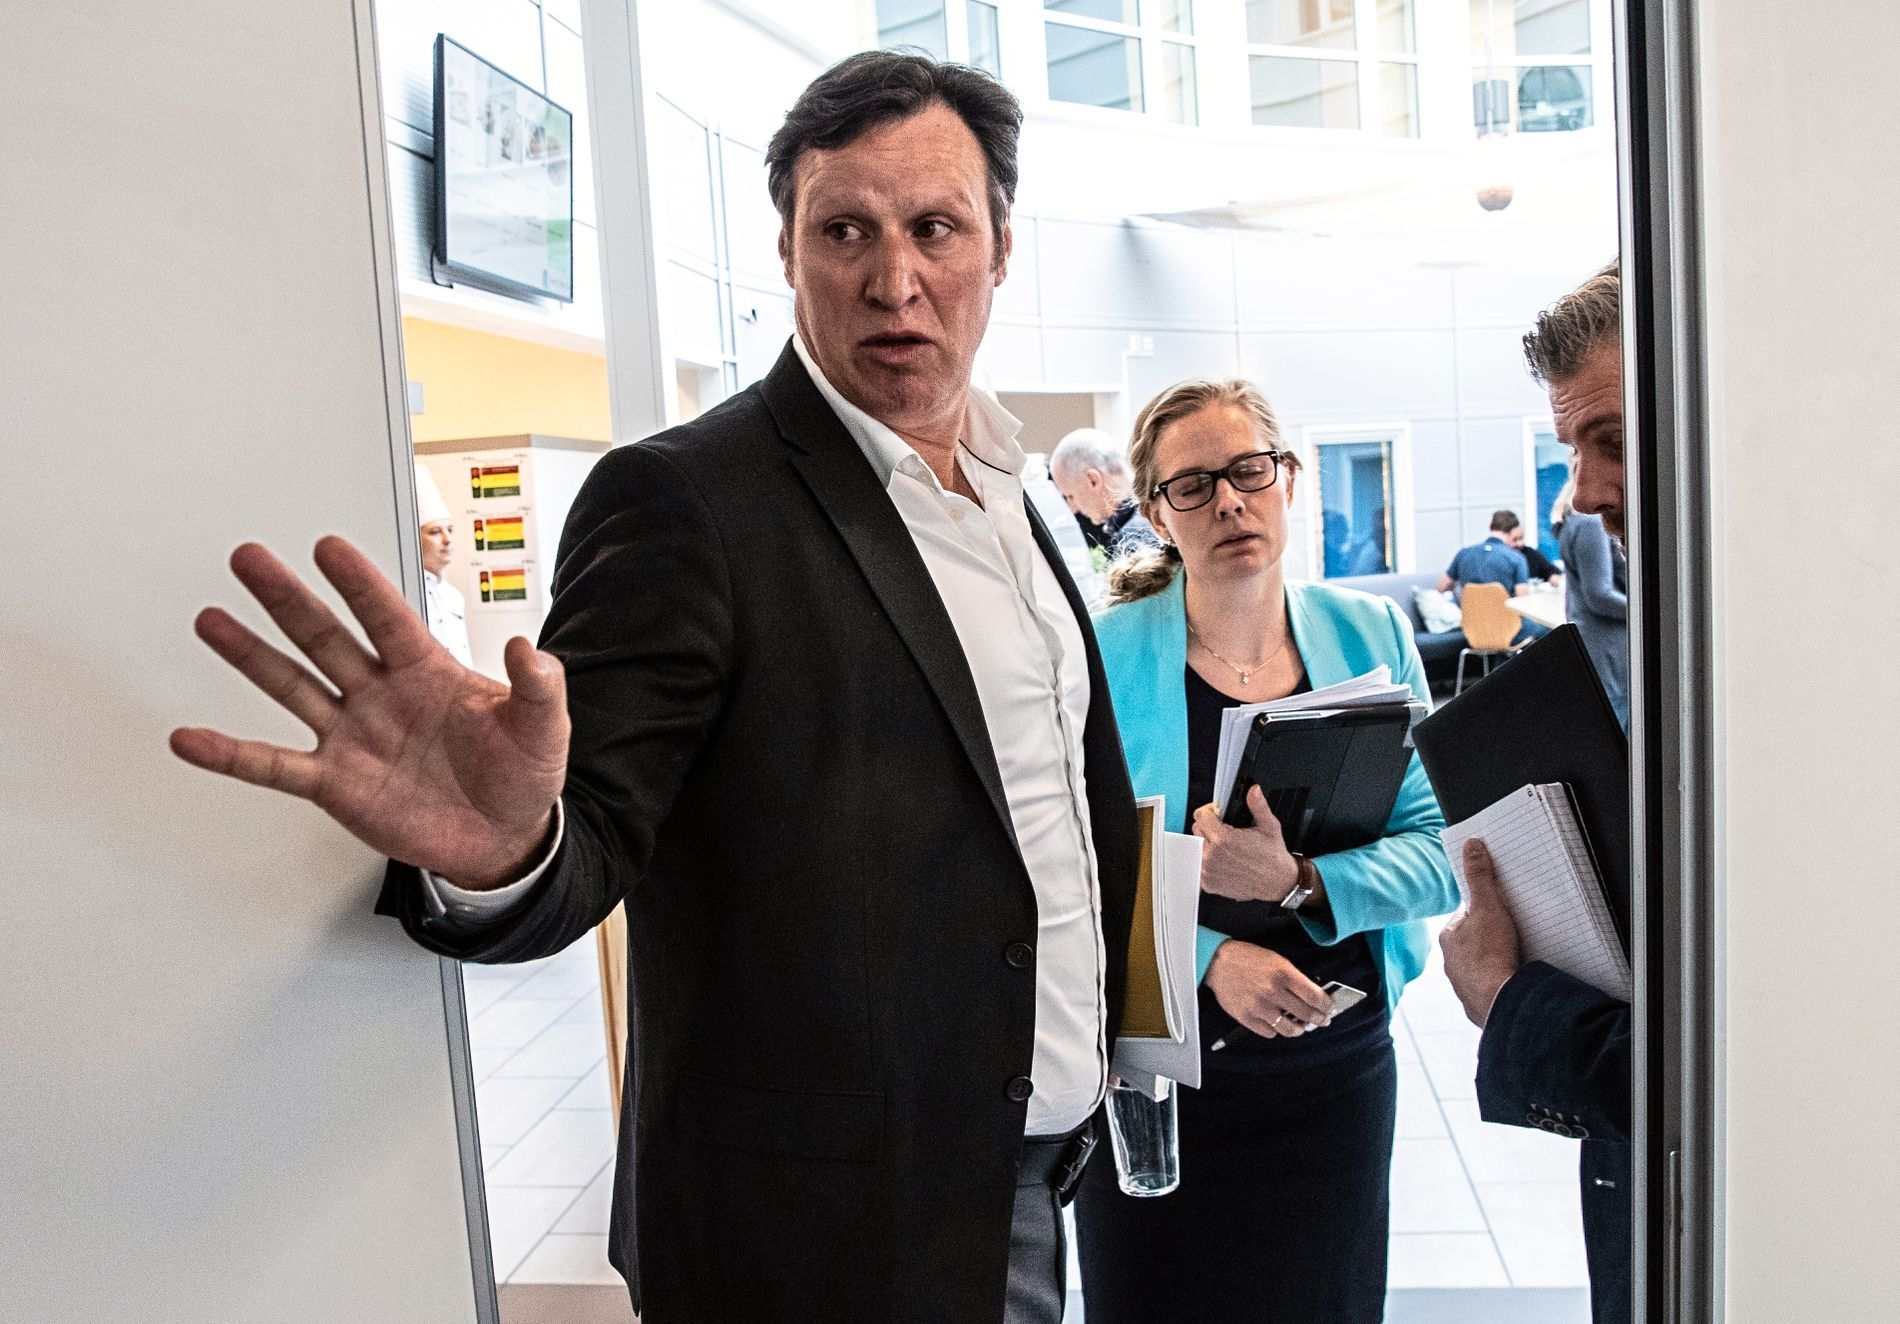 Idrettspresident Tom Tvedt og forvaltningsansvarlig Stine Schultz Heiring redegjorde, sammen med generalsekretær Karen Kvalevåg, for NIFs syn på Riksrevisjonens rapport på en pressekonferanse på Ullevaal.